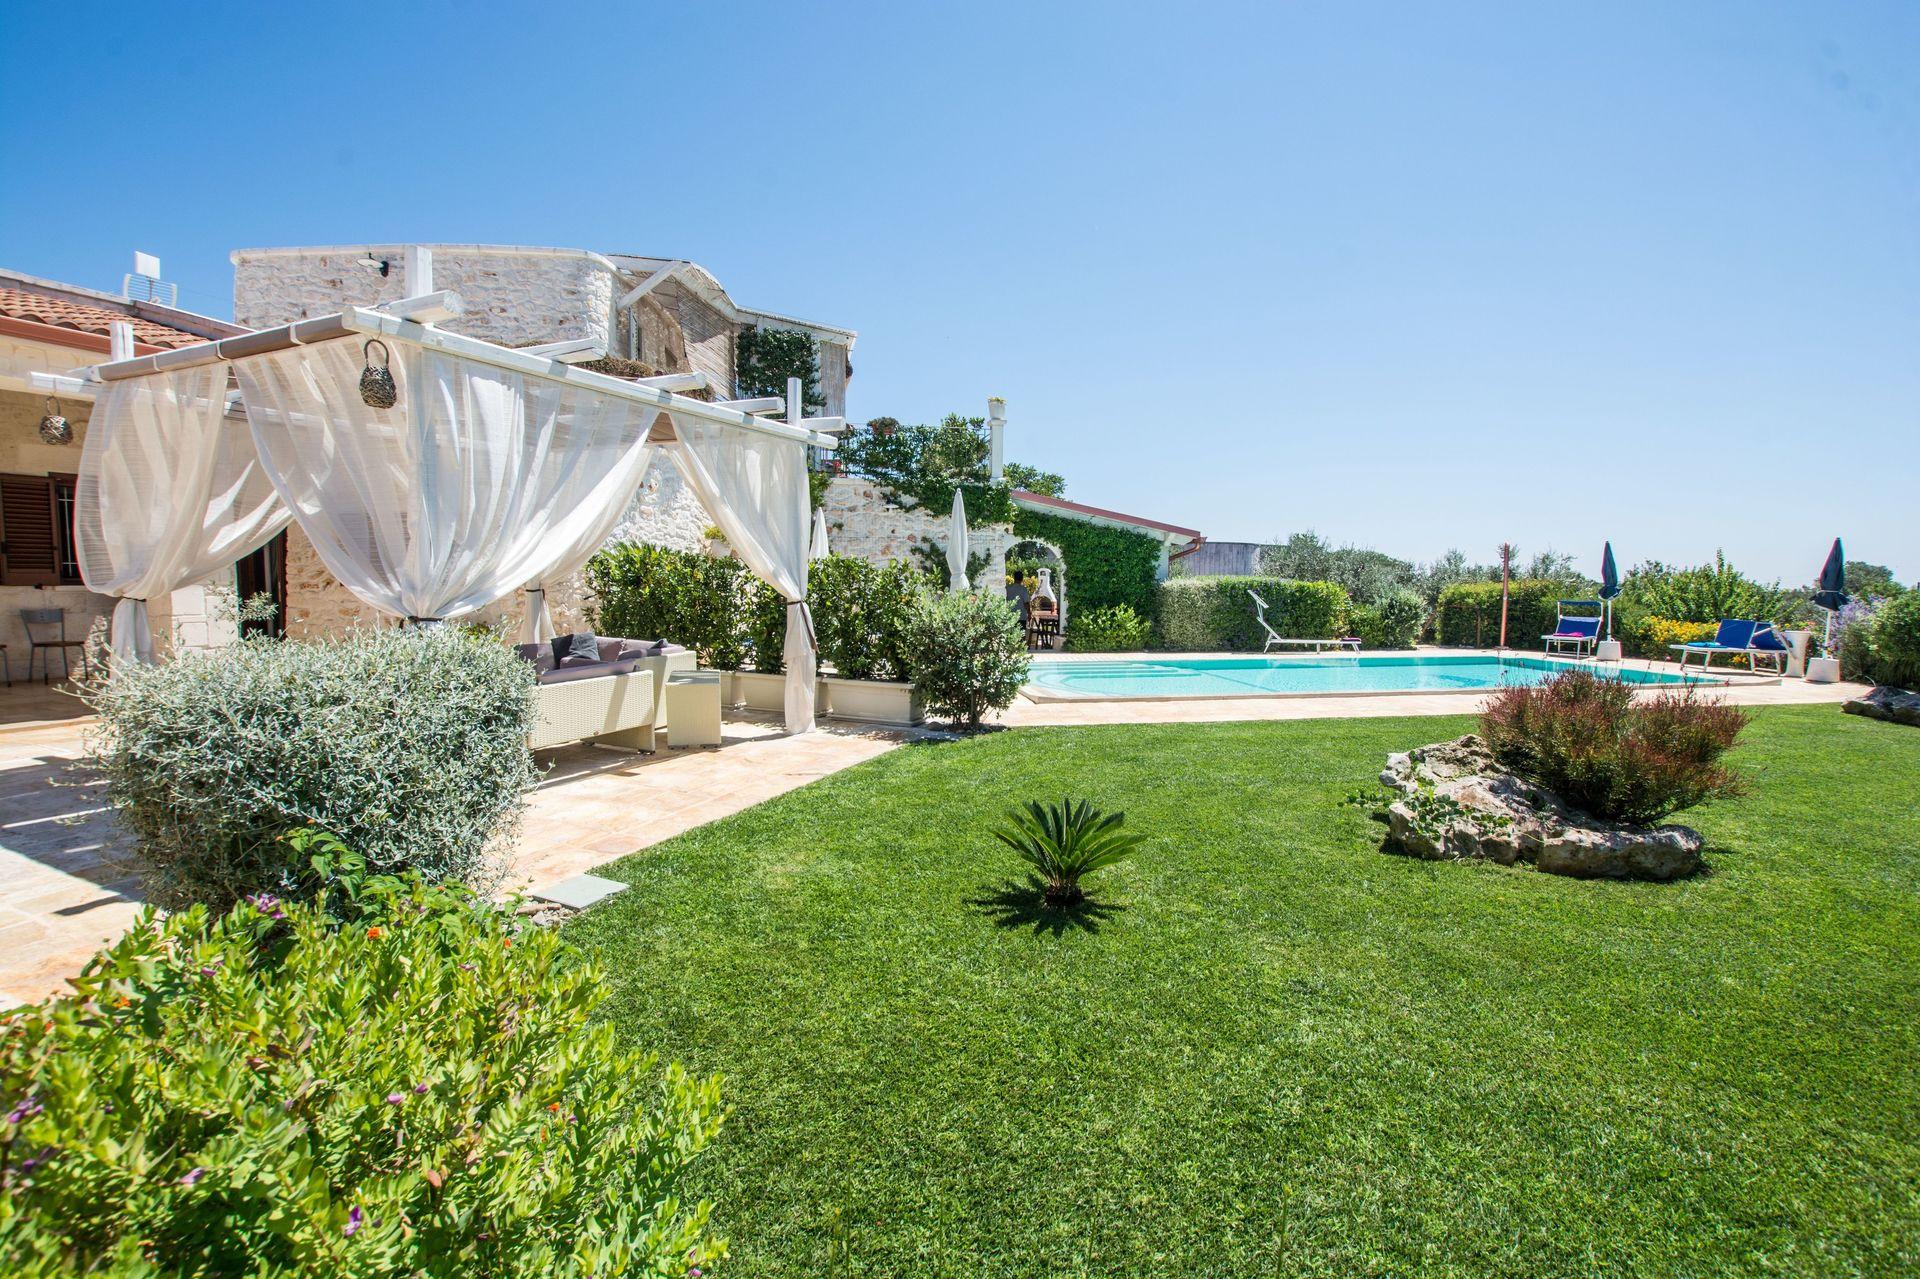 Villa Il Saraceno Location De Vacances - Couchages 8 Dans 4 ... destiné Location Maison Piscine Privée Dernière Minute